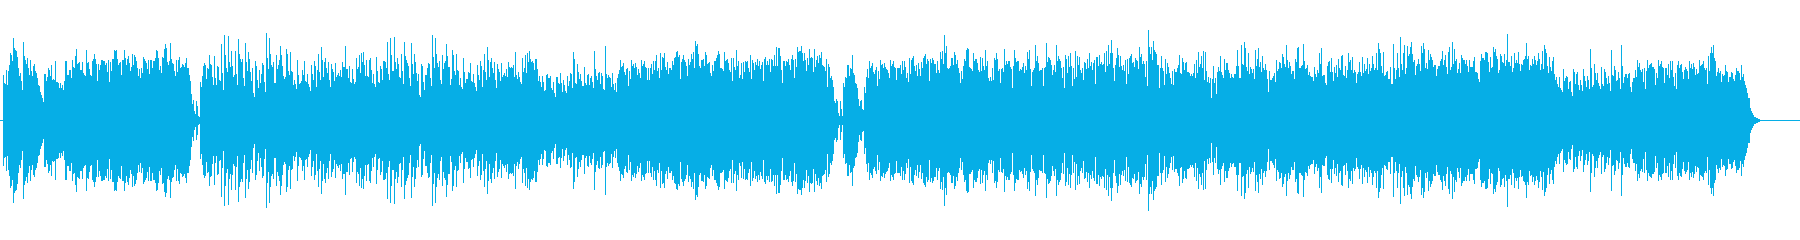 切ないメロディーが印象的なピアノの再生済みの波形